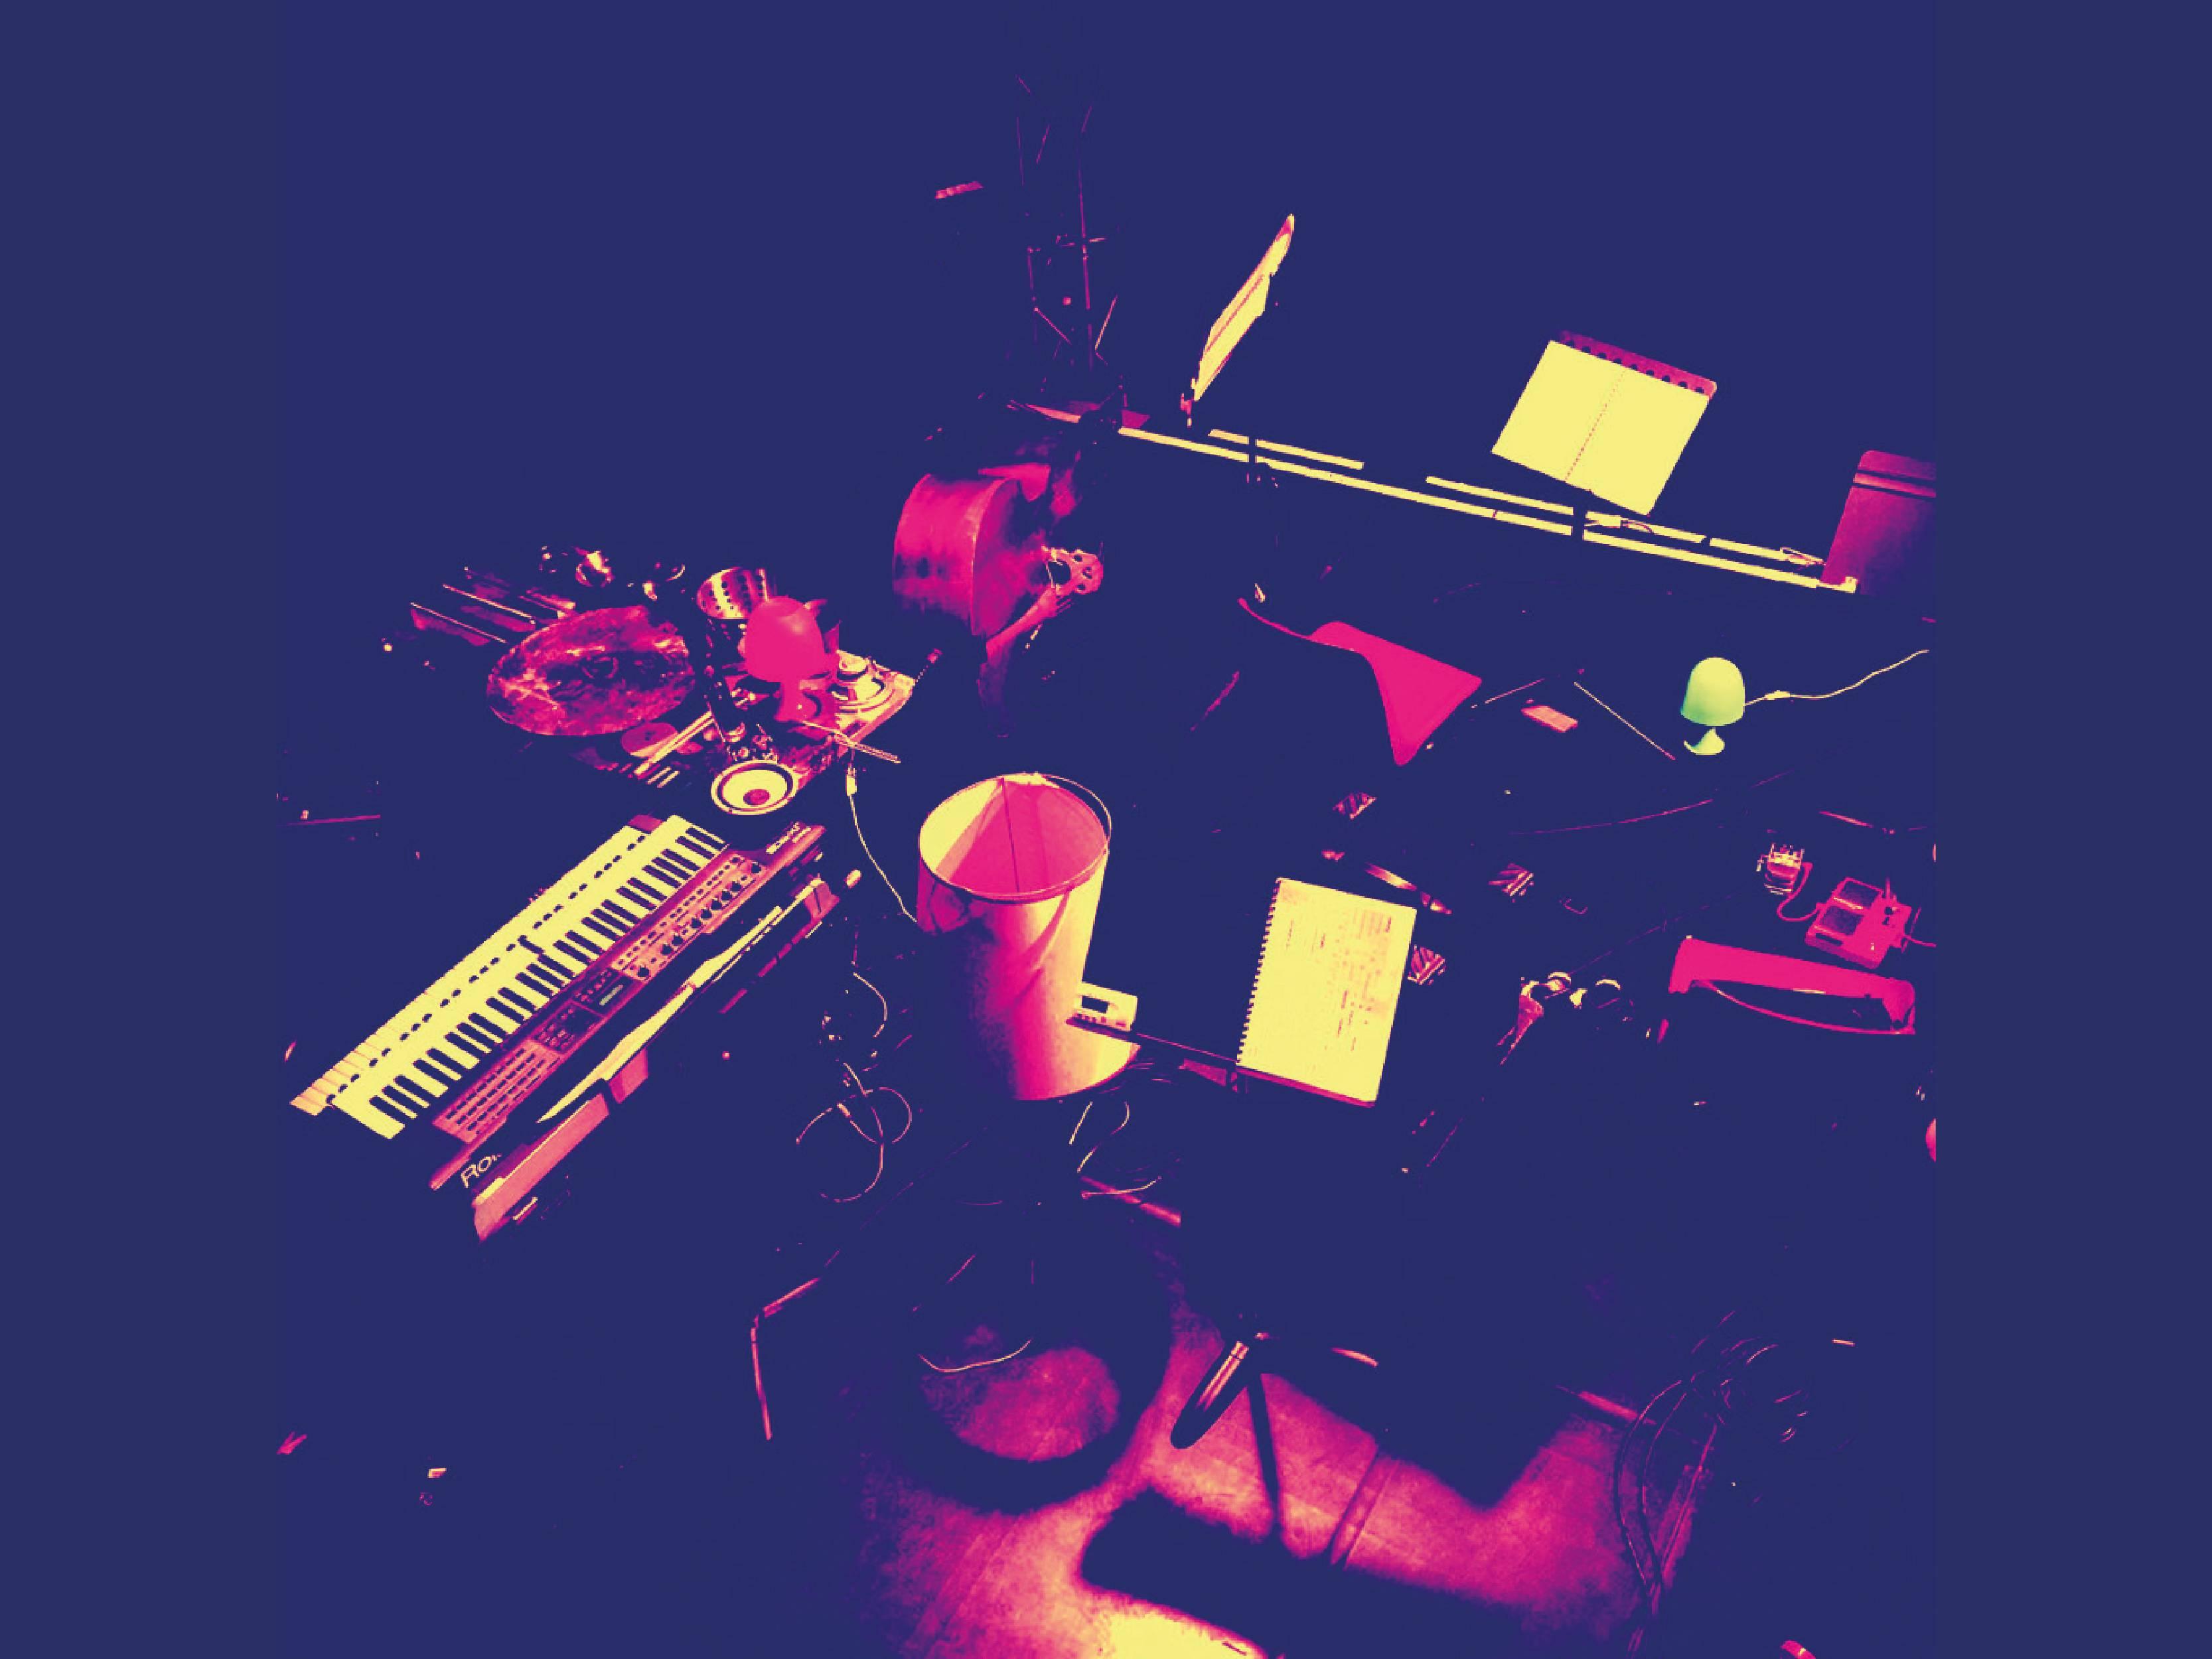 DOCLAB | Popote sonore avec l'artiste Toma Gouband à Saint Germain d'Ectot